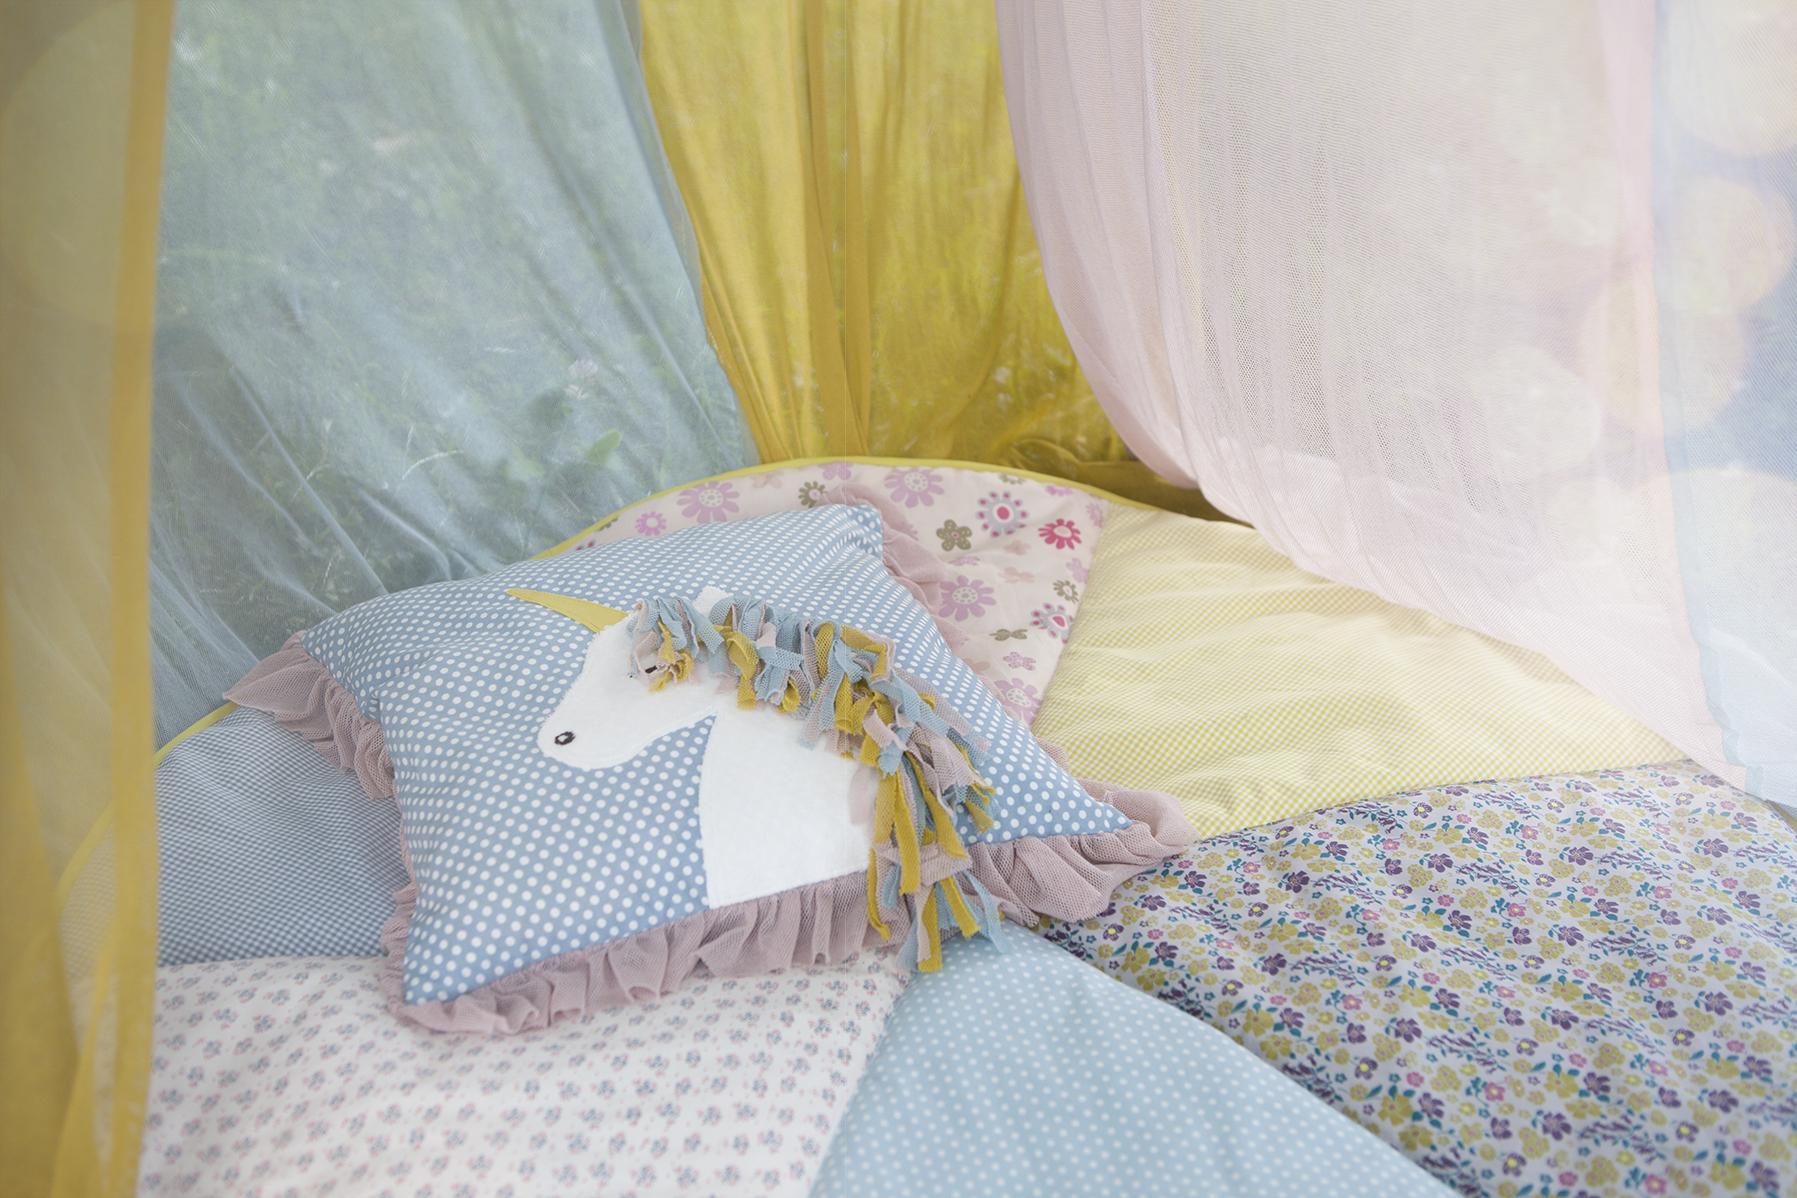 diy einhorn kissen selber machen anleitung ohne nhen t. Black Bedroom Furniture Sets. Home Design Ideas